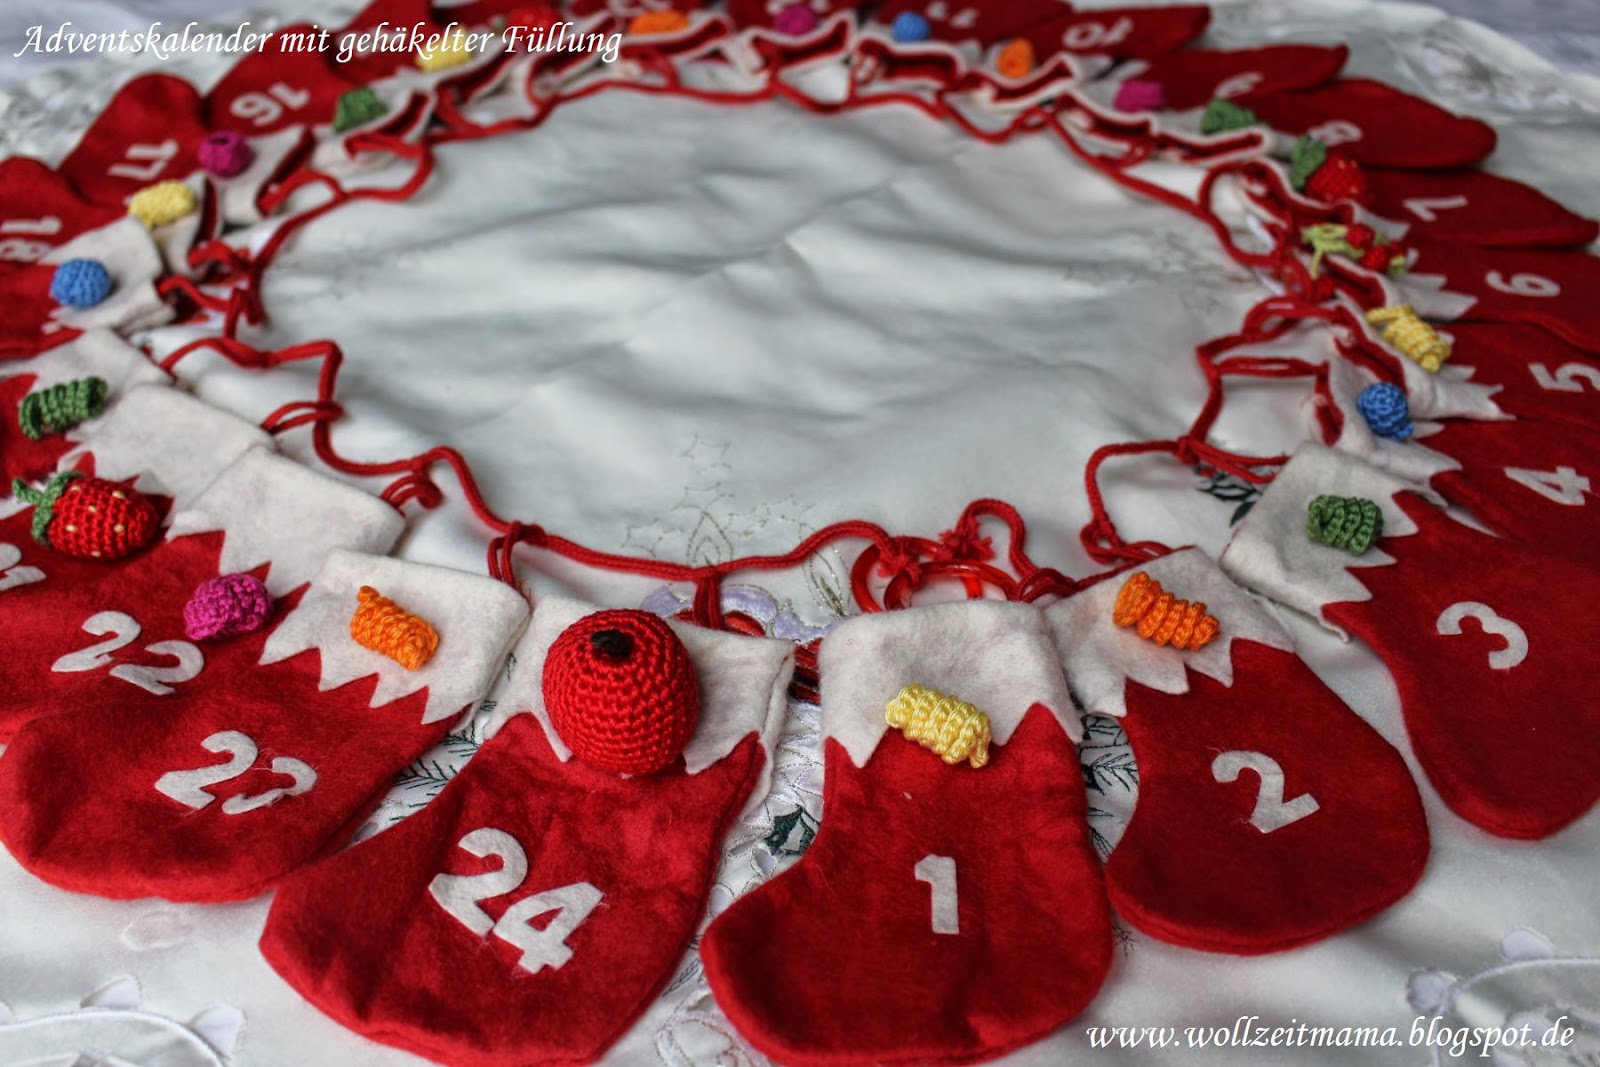 Adventskalender mit gehäkelten Kleinigkeiten für Puppenküche und Kaufmannsladen